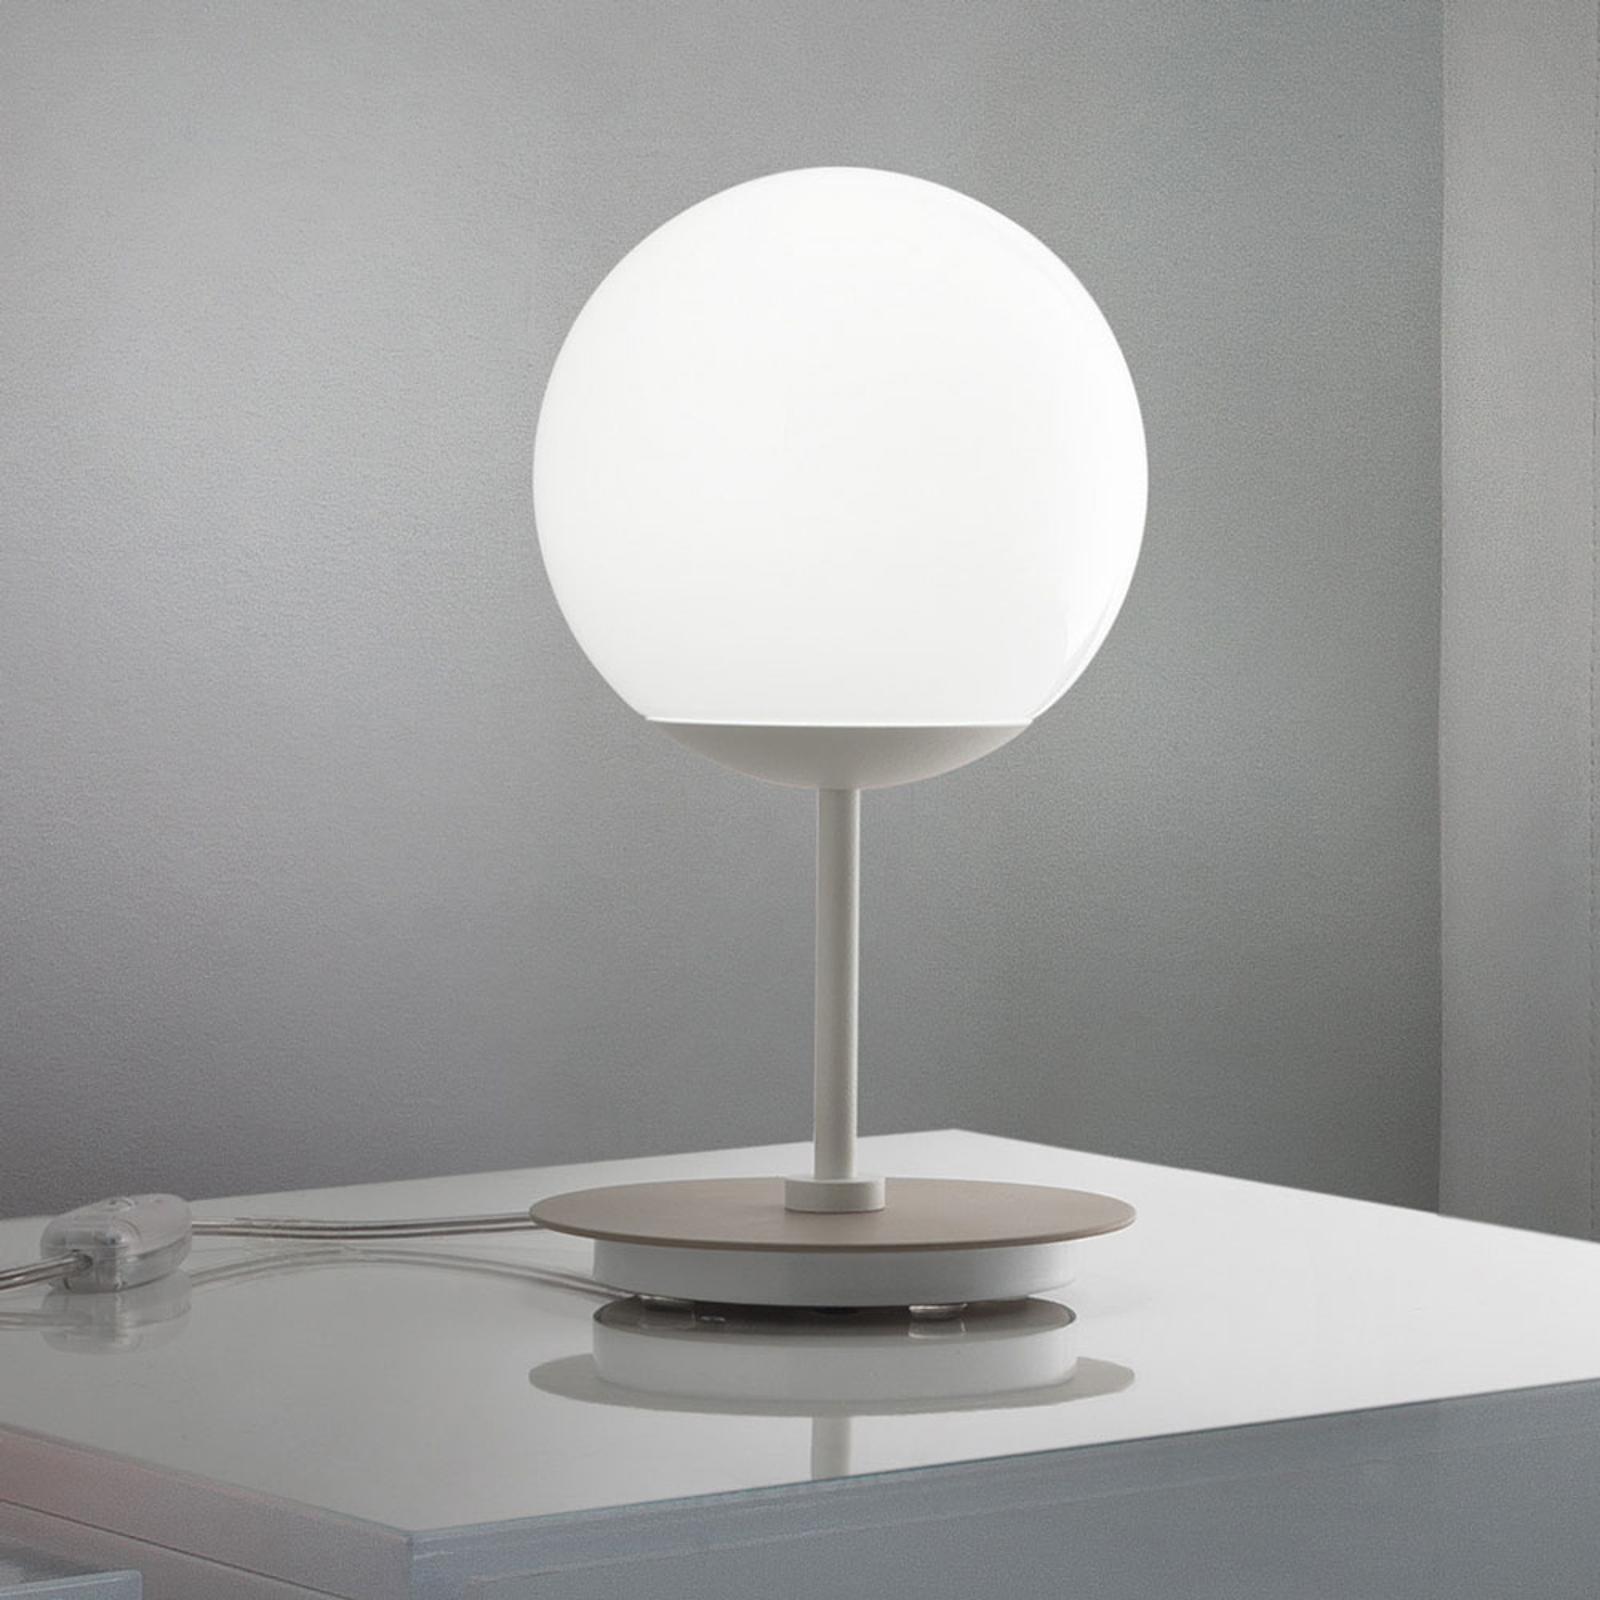 Acquista Lampada Da Tavolo Led Decorativa Sfera Lampade It